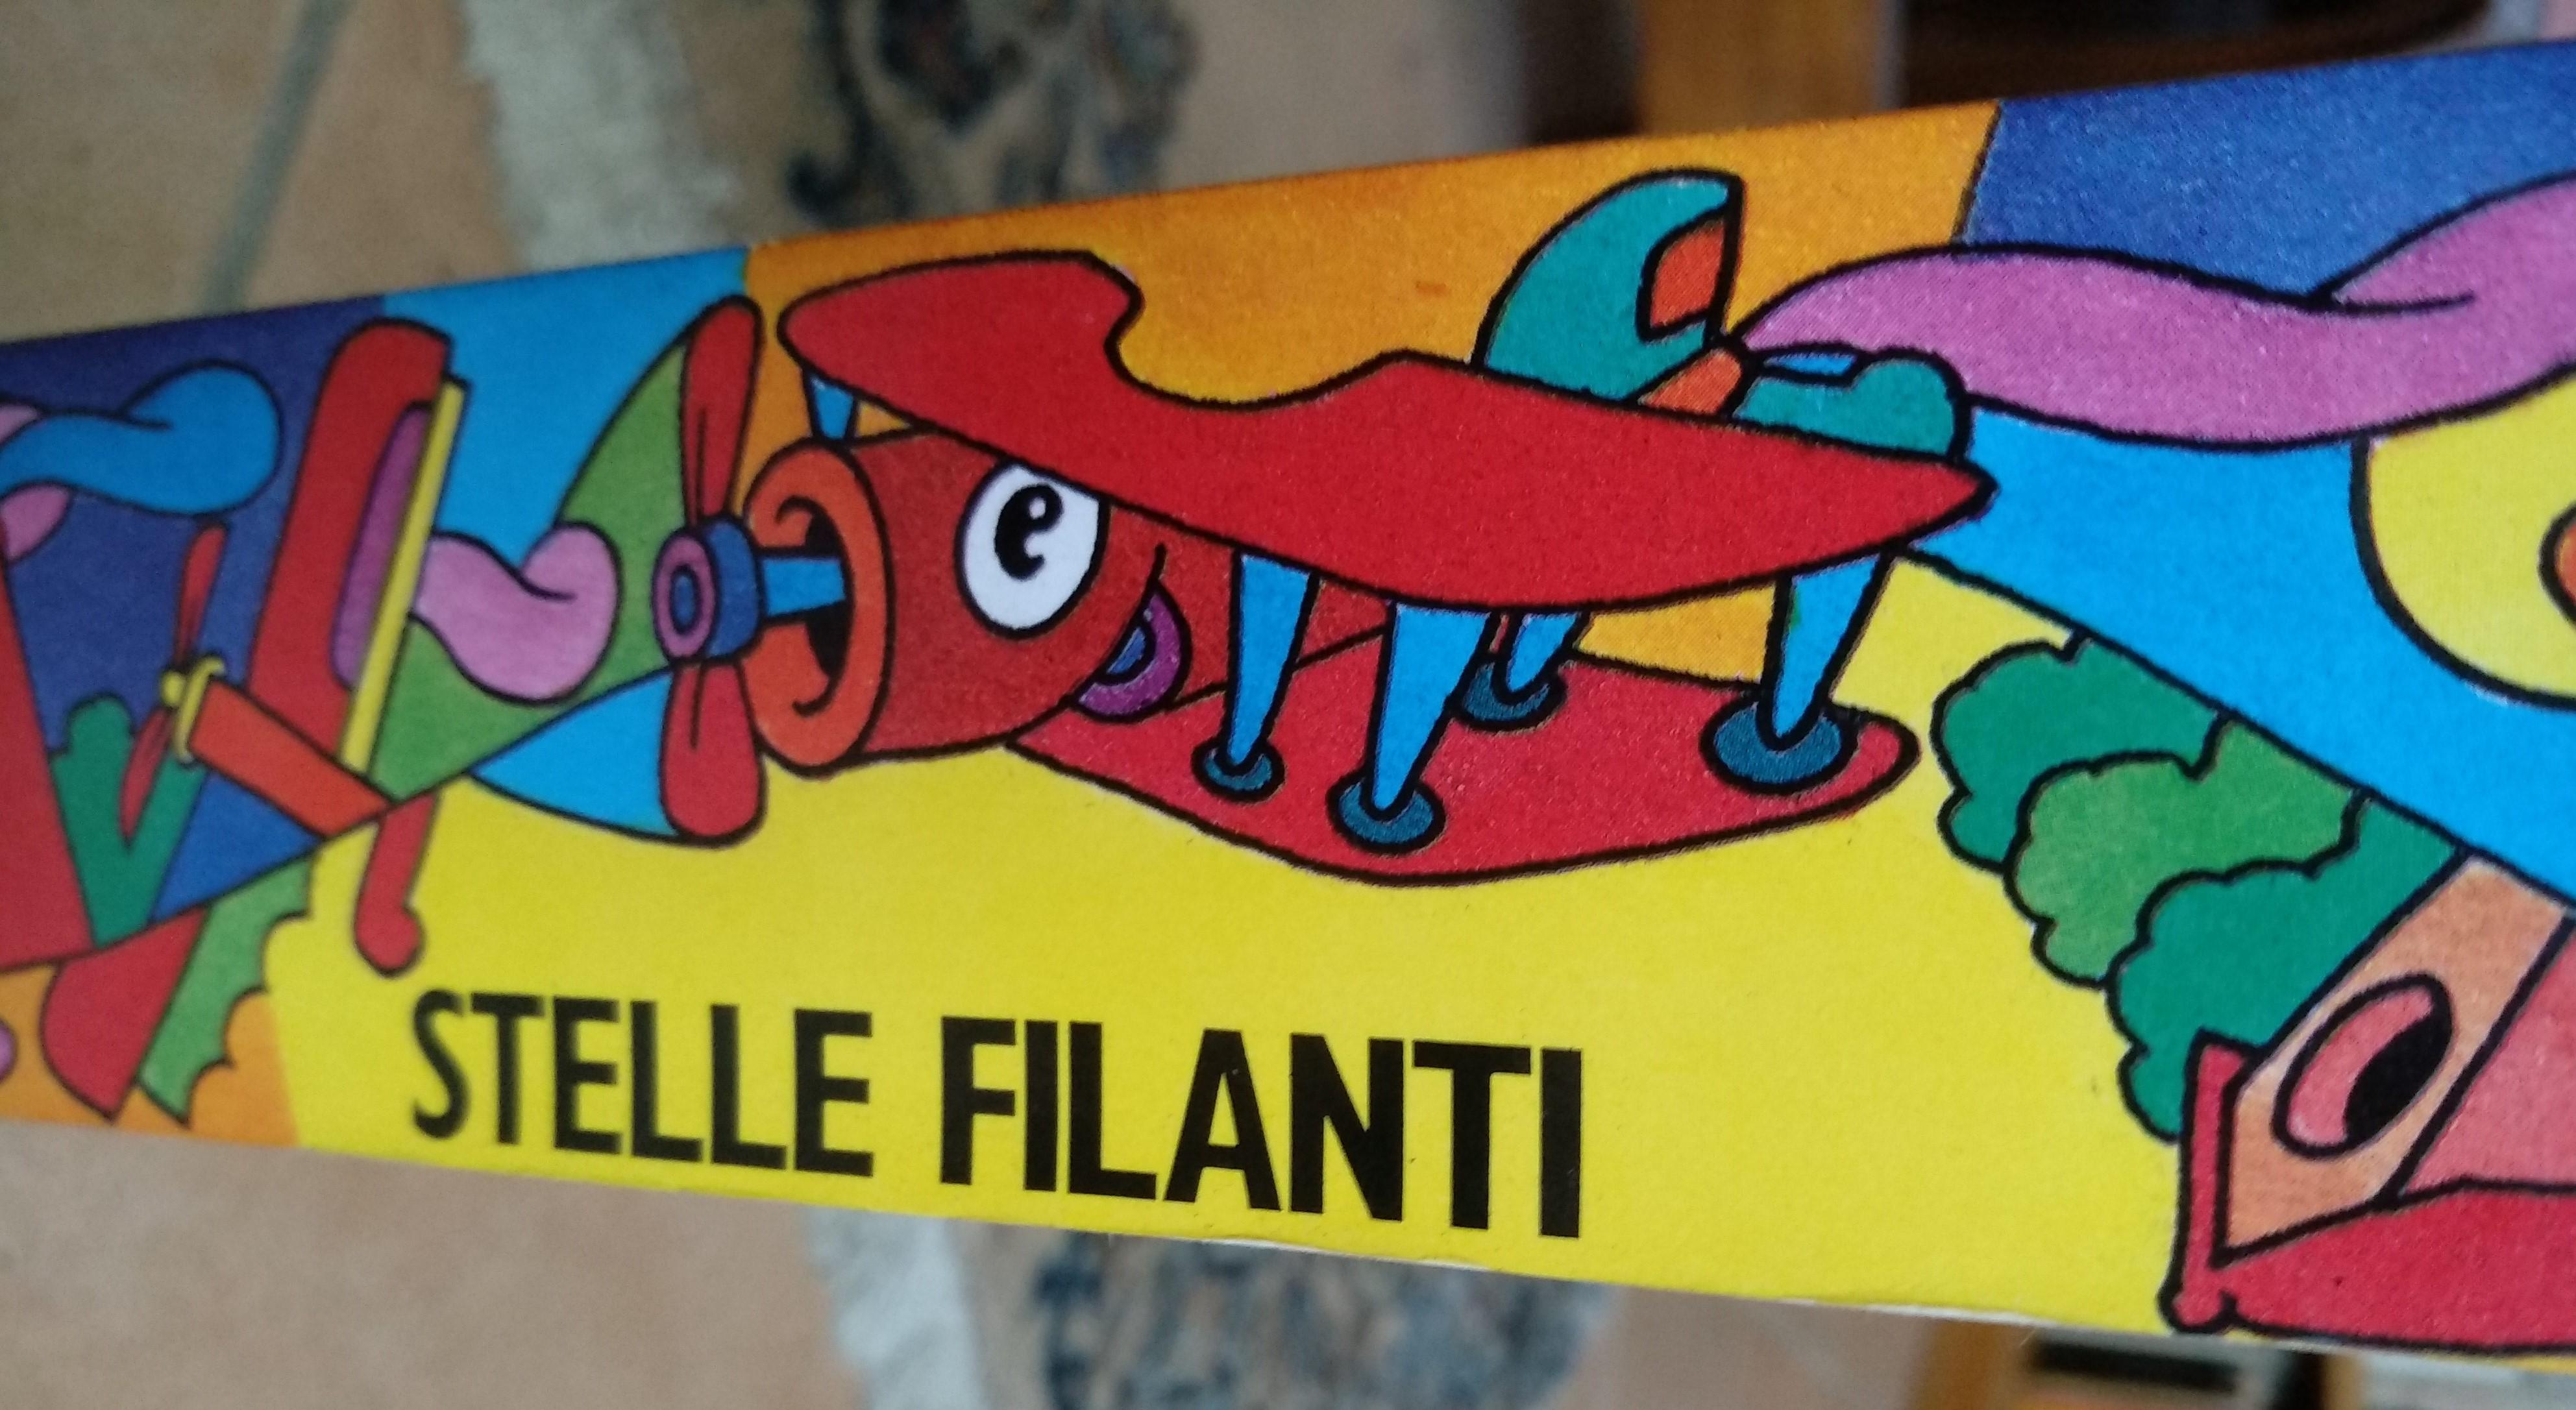 """""""Stelle filanti"""": un libro d'artista alto 41 e largo 5 cm, con Pablo Echaurren niente è impossibile!"""